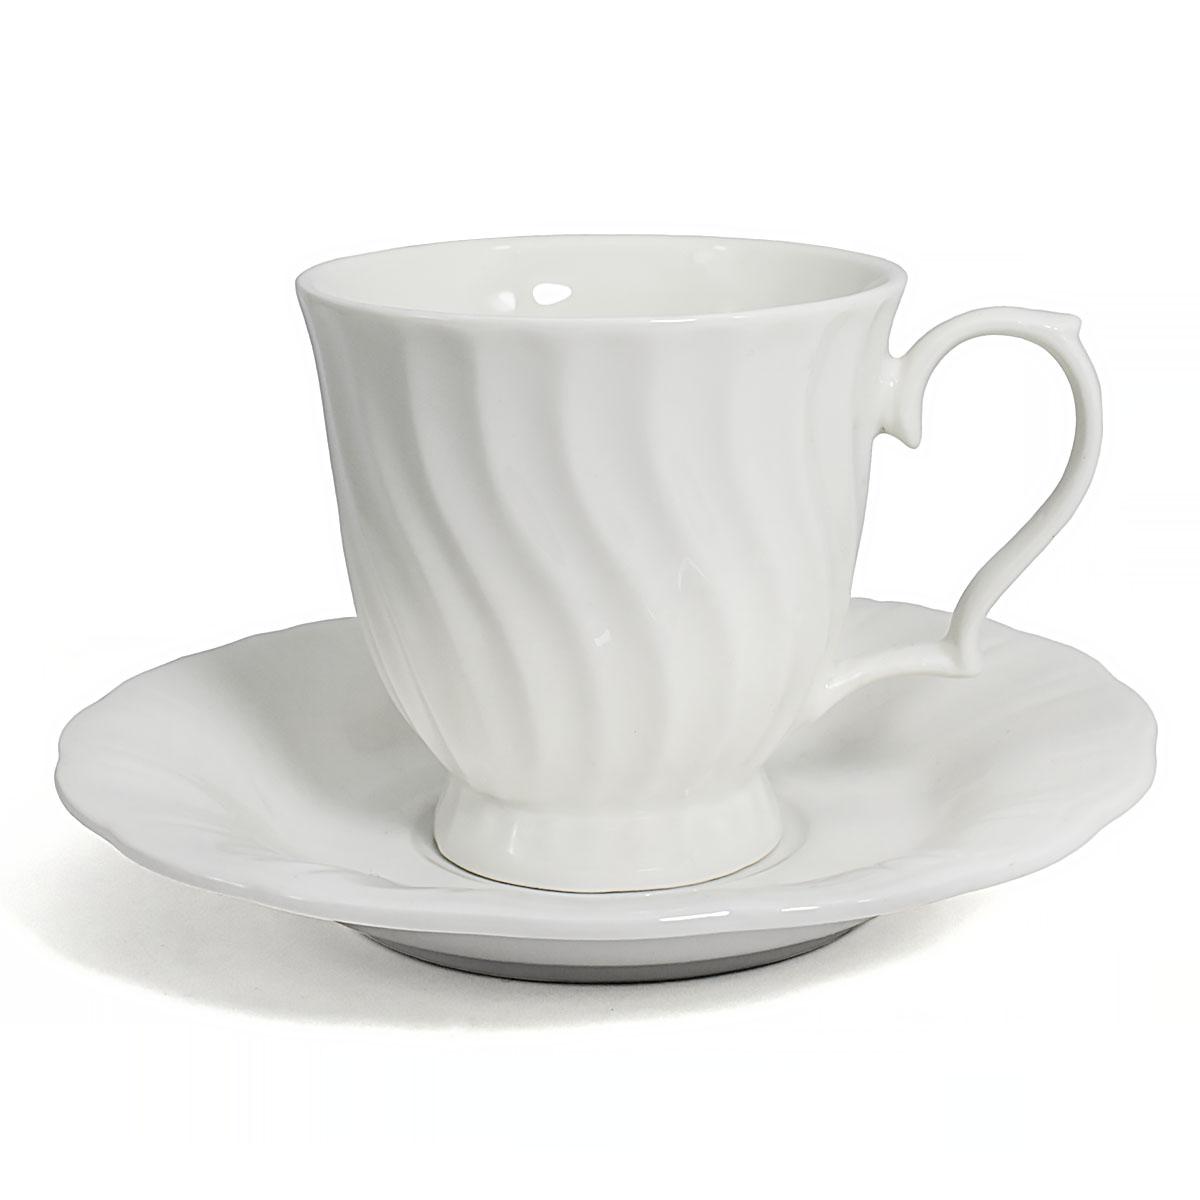 Чайная пара Витая, фарфор, 250 мл чайная пара cmielow rococo 250 мл 2 предмета